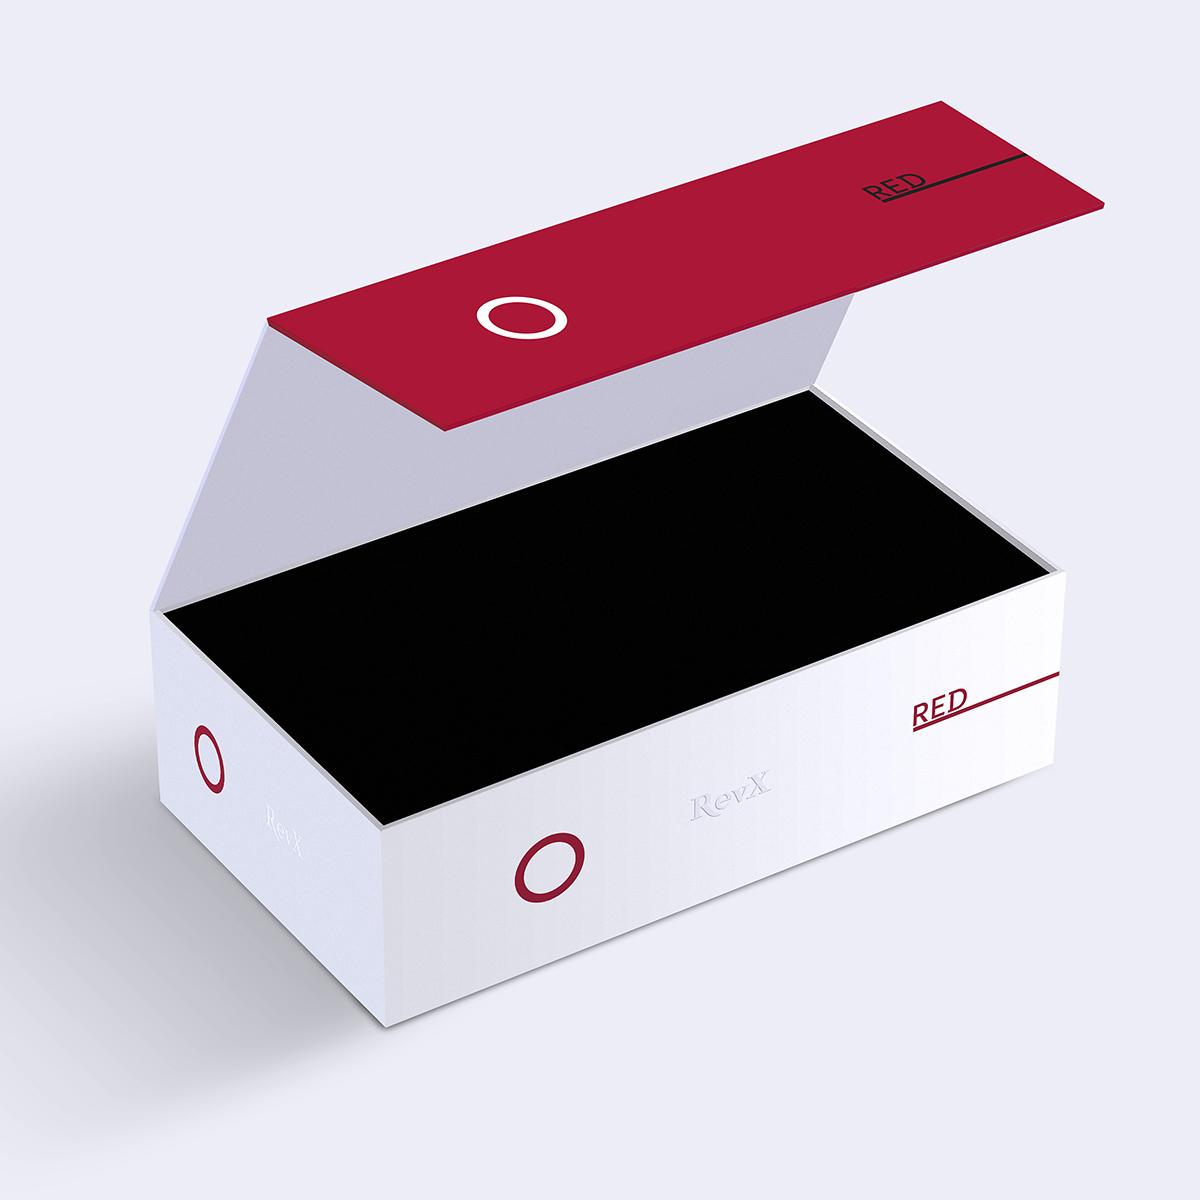 RevX. Diseño de packing, envase y etiquetado por Goyo Rodríguez.